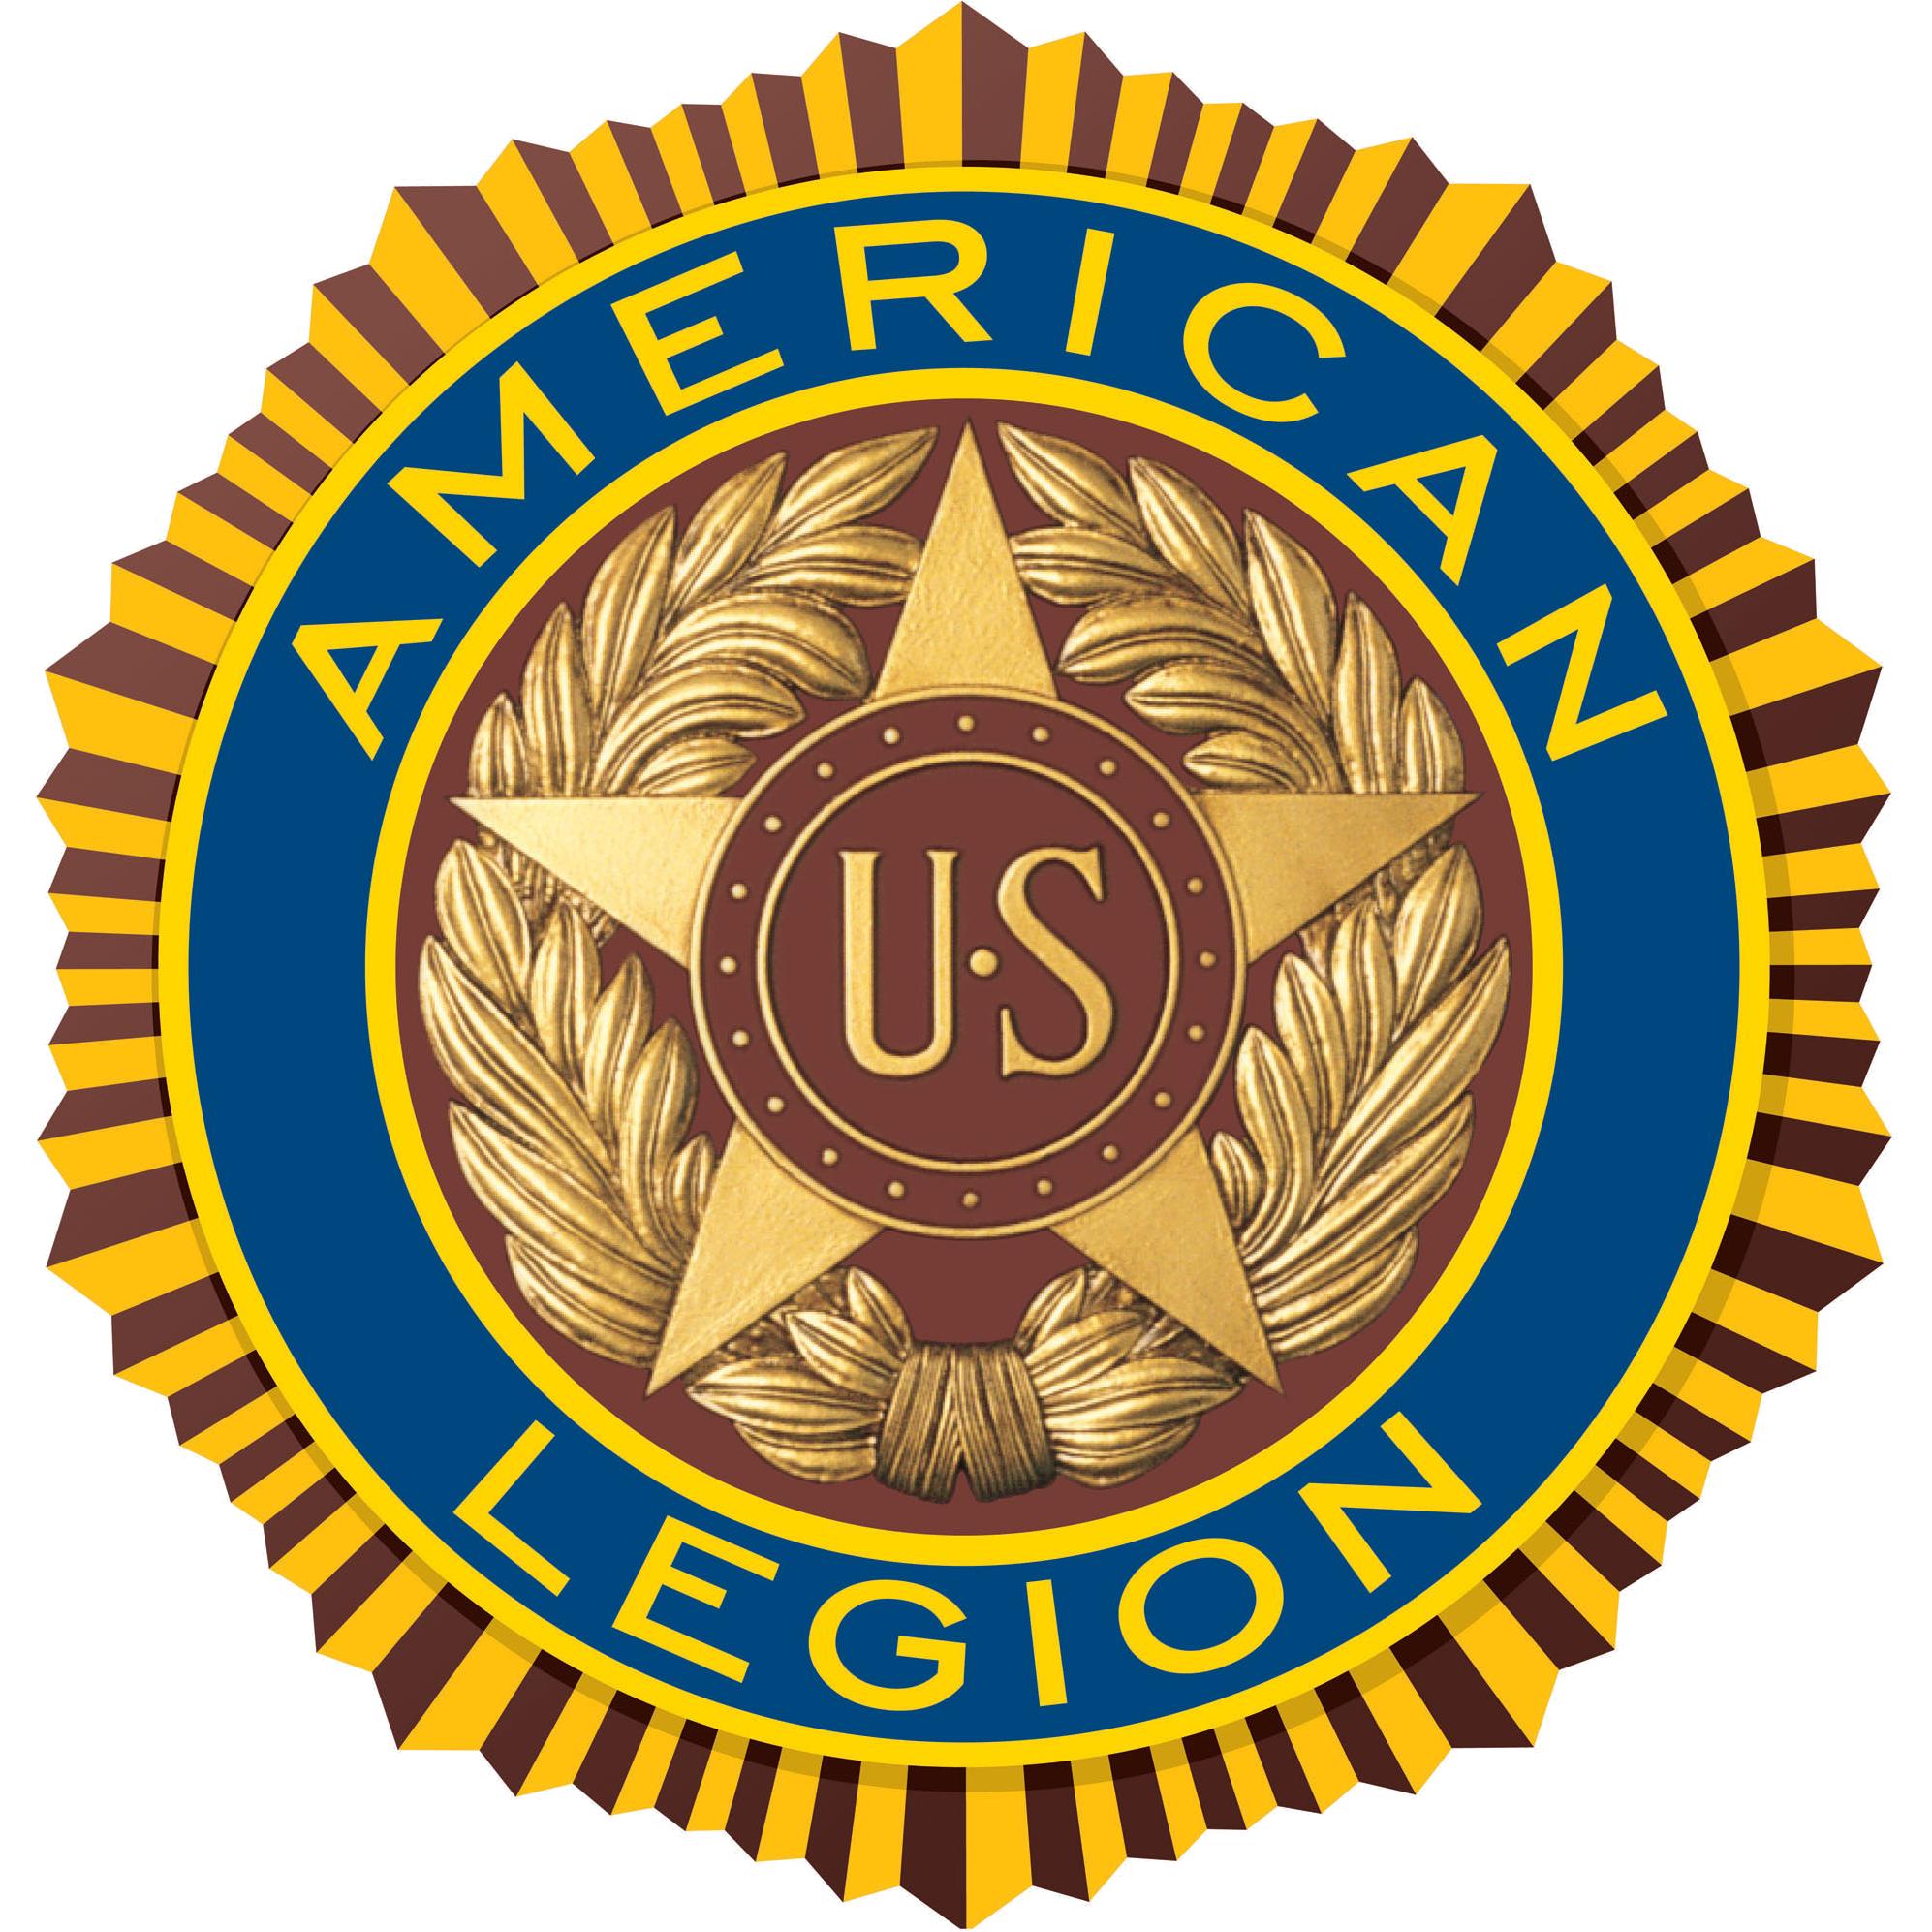 The American Legion - American Legion Logo PNG - American Legion PNG